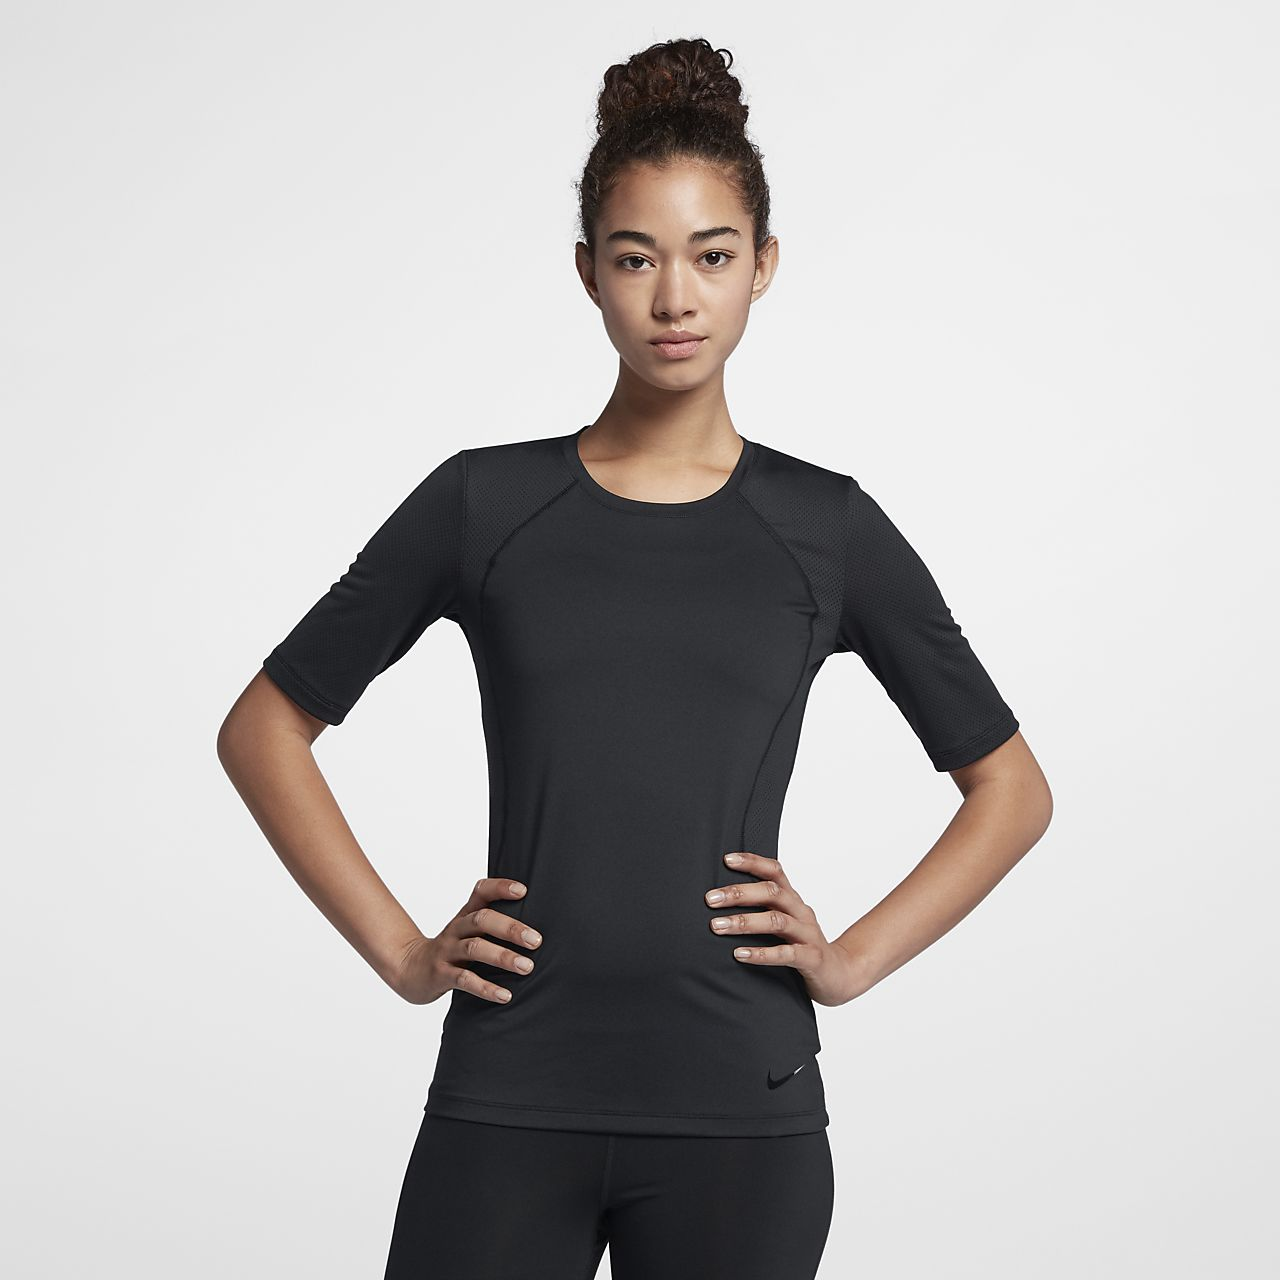 f2bb6eb8dd53 Γυναικεία κοντομάνικη μπλούζα προπόνησης Nike Pro HyperCool. Nike.com GR